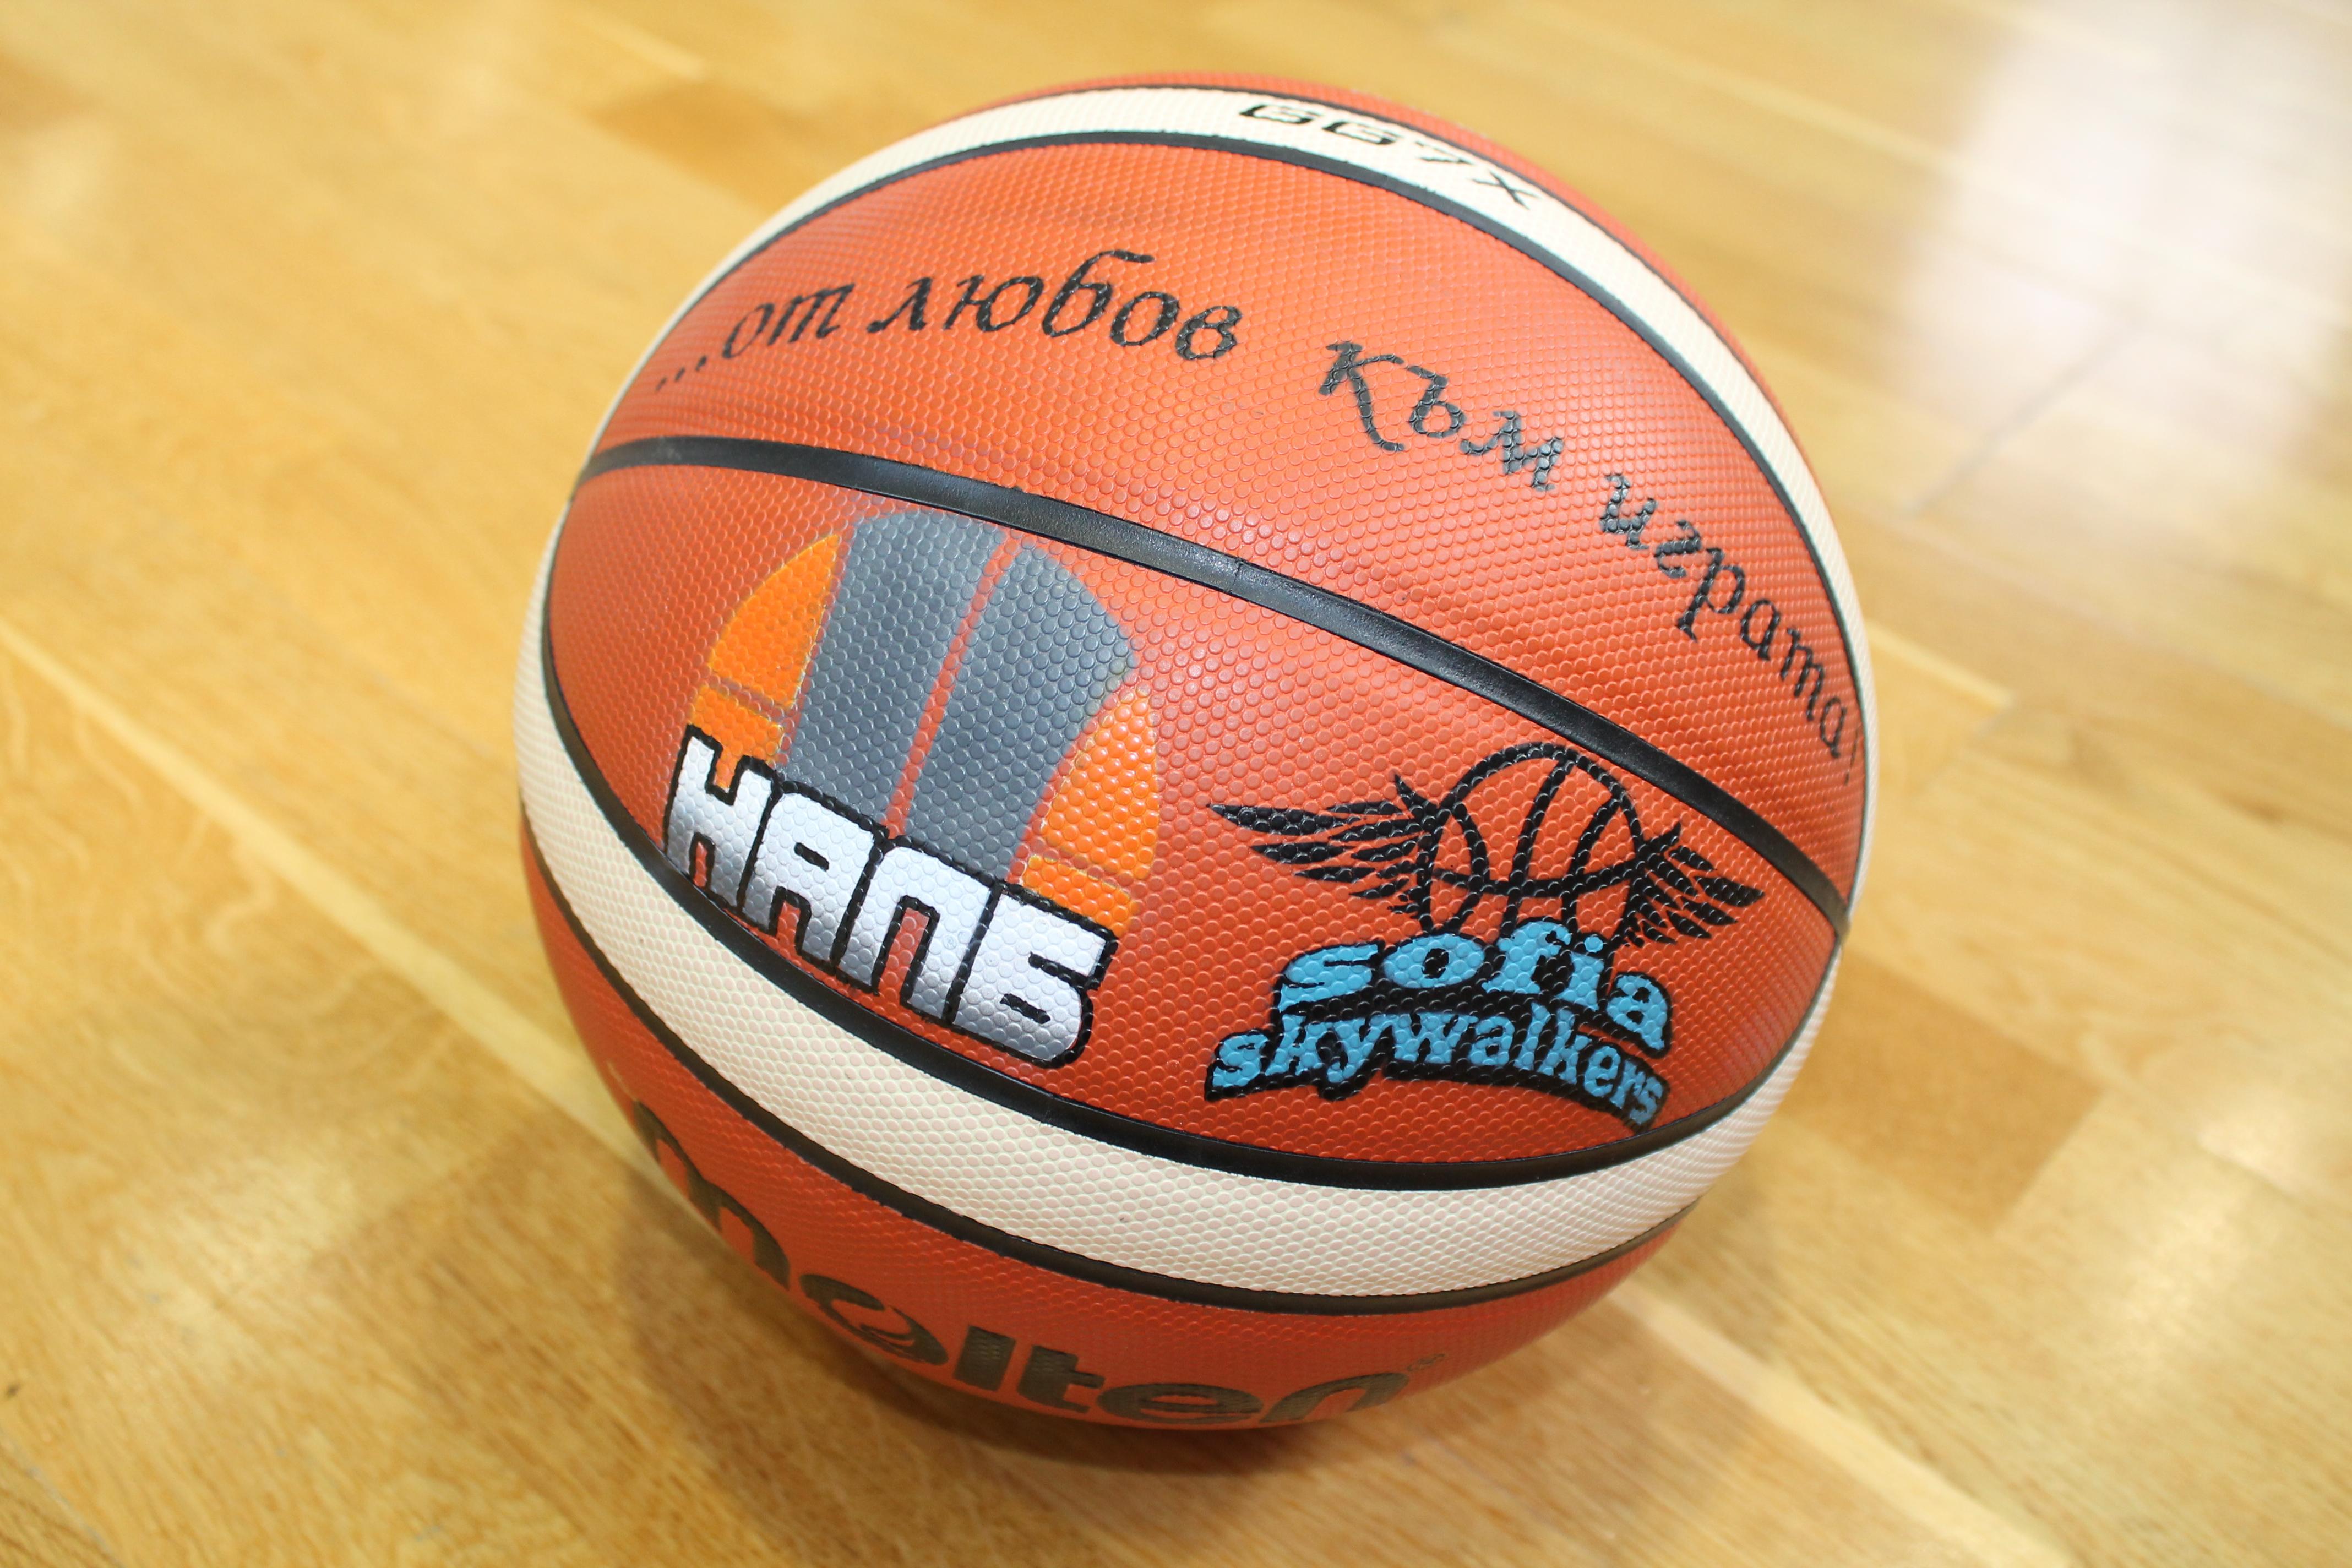 Персонализирана баскетболна топка – Molten GG7X, официална топка на германската федерация, изработена по нова технология и утвърдена от ФИБА за периода от 2015 до 2020 година – 150.00 лева*